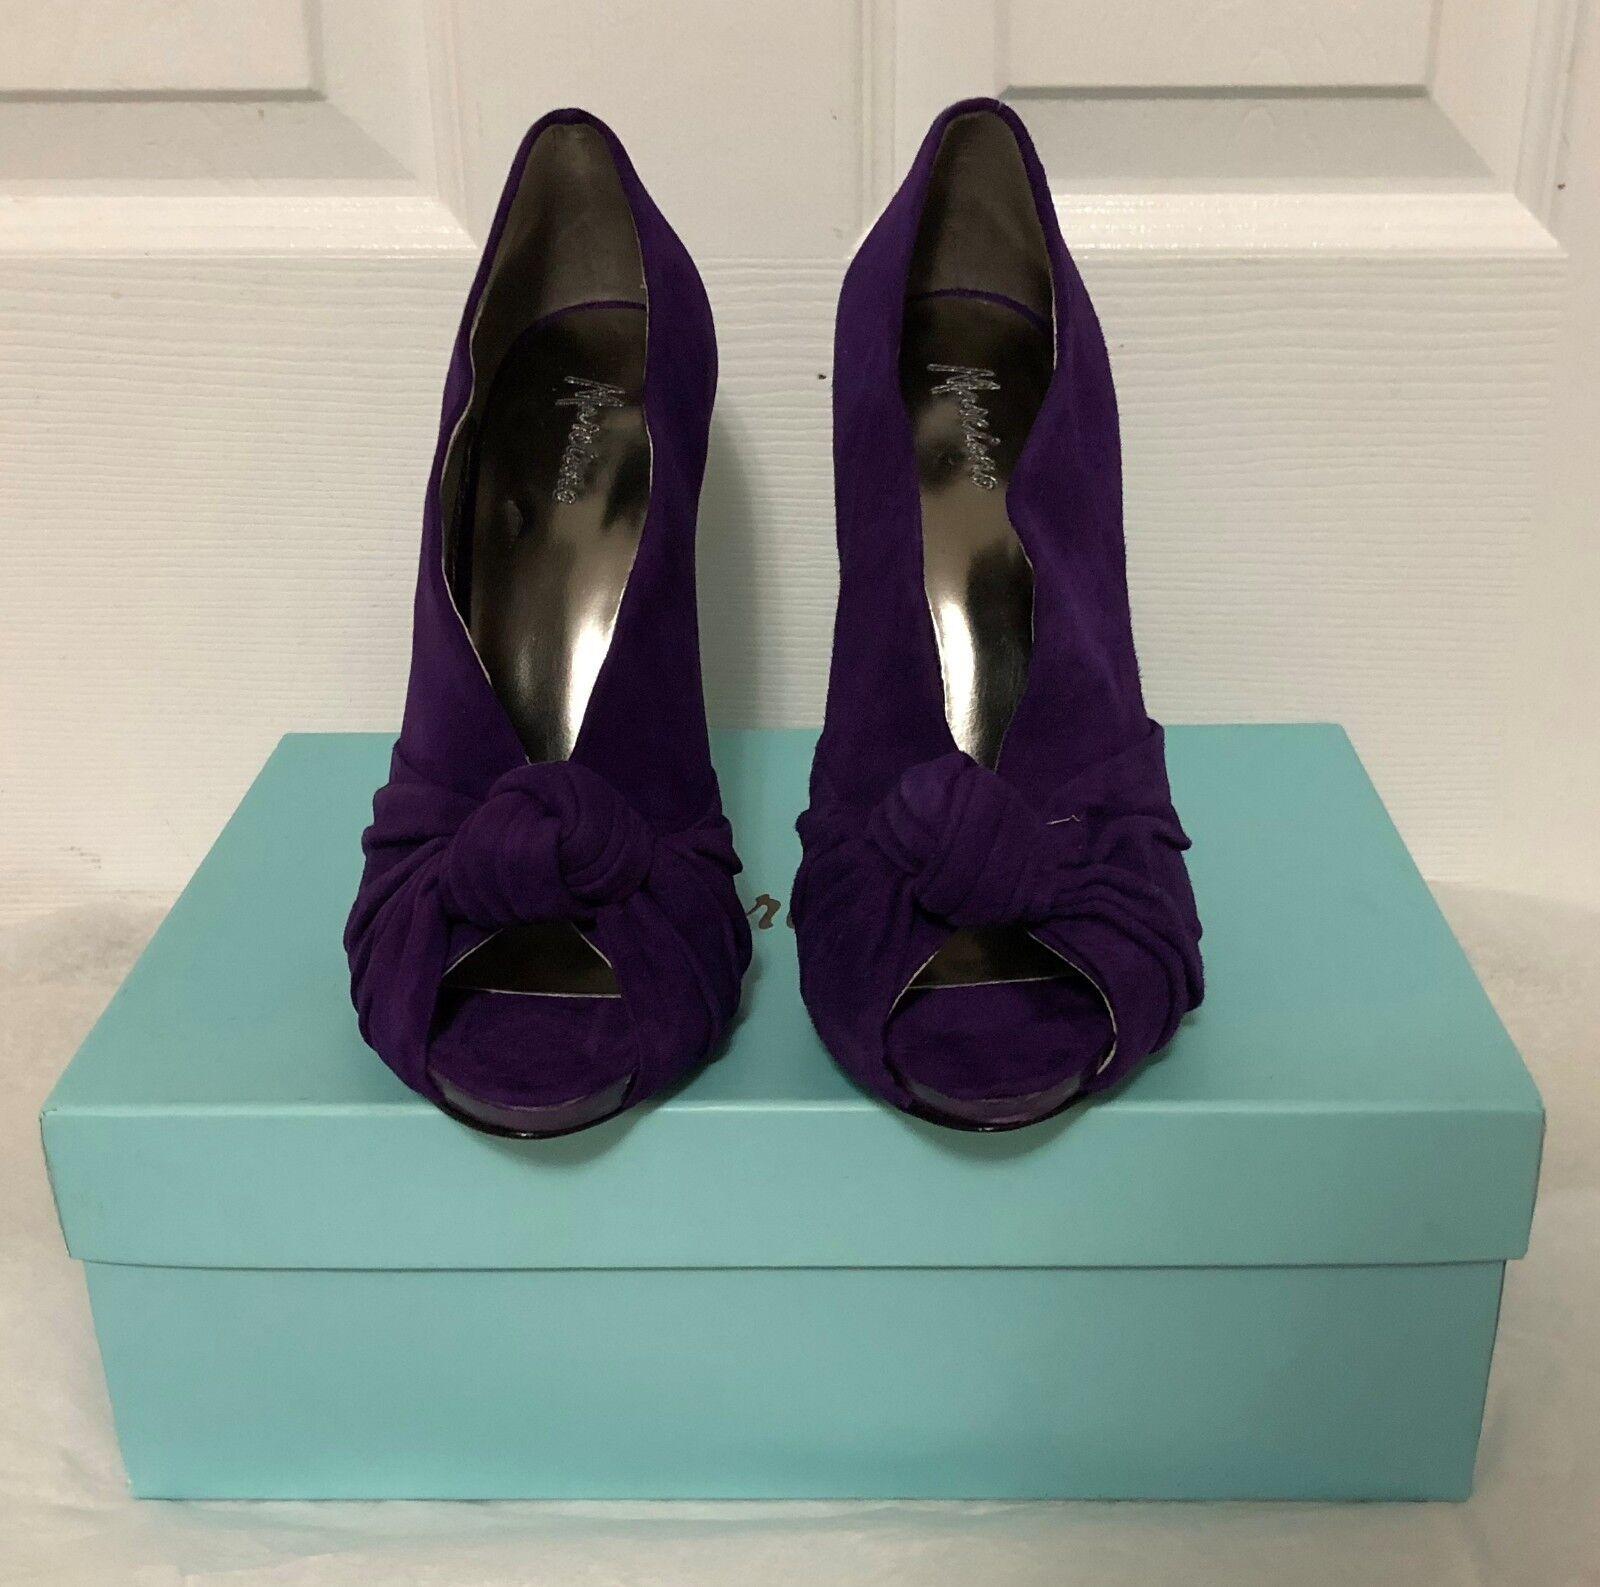 Nuevo En Caja  285 Marciano Guess Guess Guess Alex púrpura oscuro zapatos talla 8 8.5    últimos 1 para cada  precio al por mayor